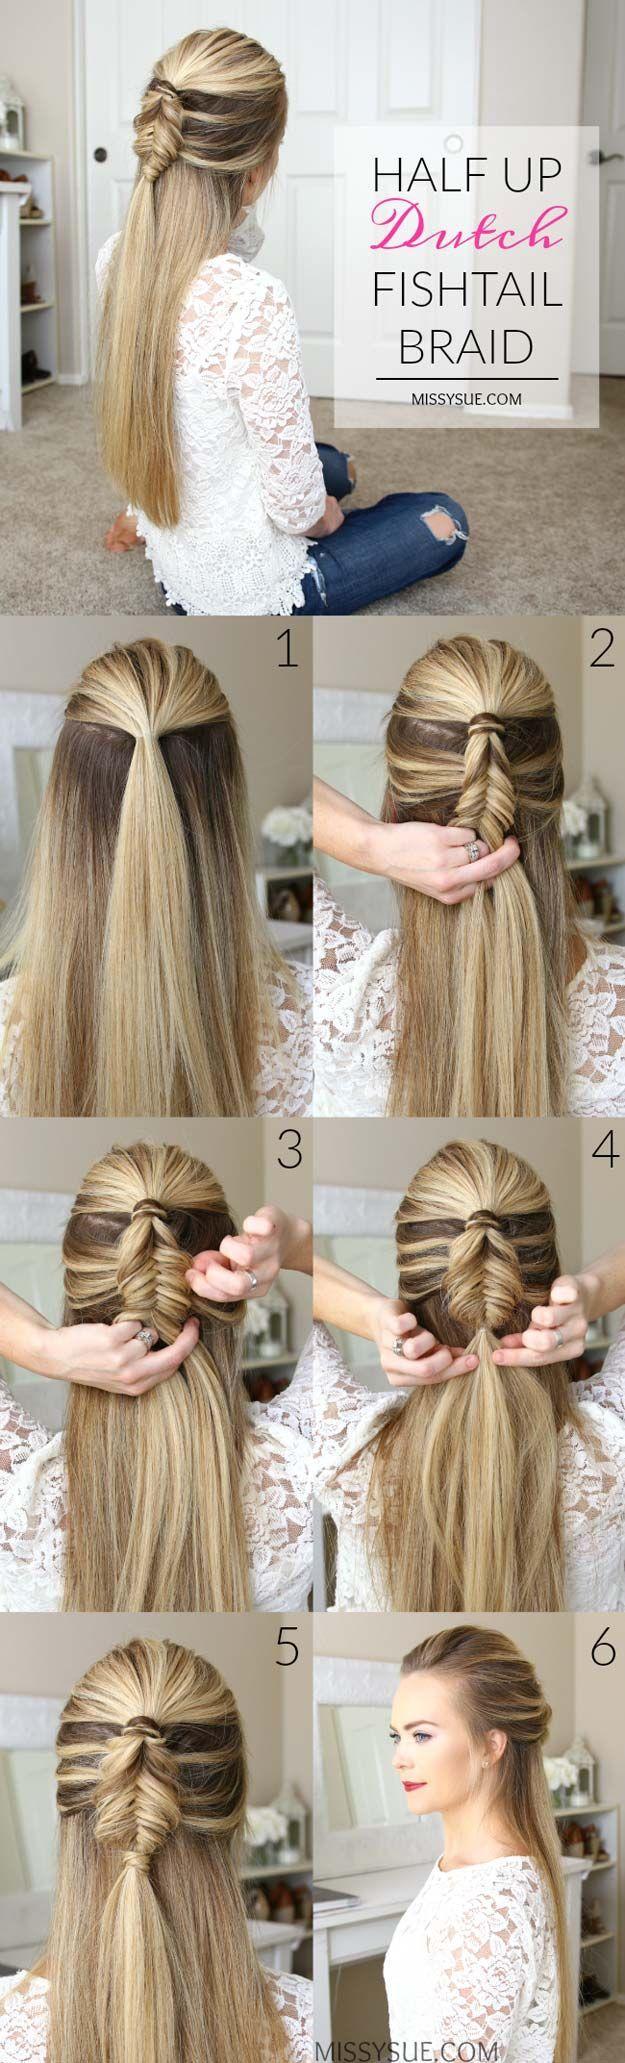 40 Of The Best Cute Hair Braiding Tutorials